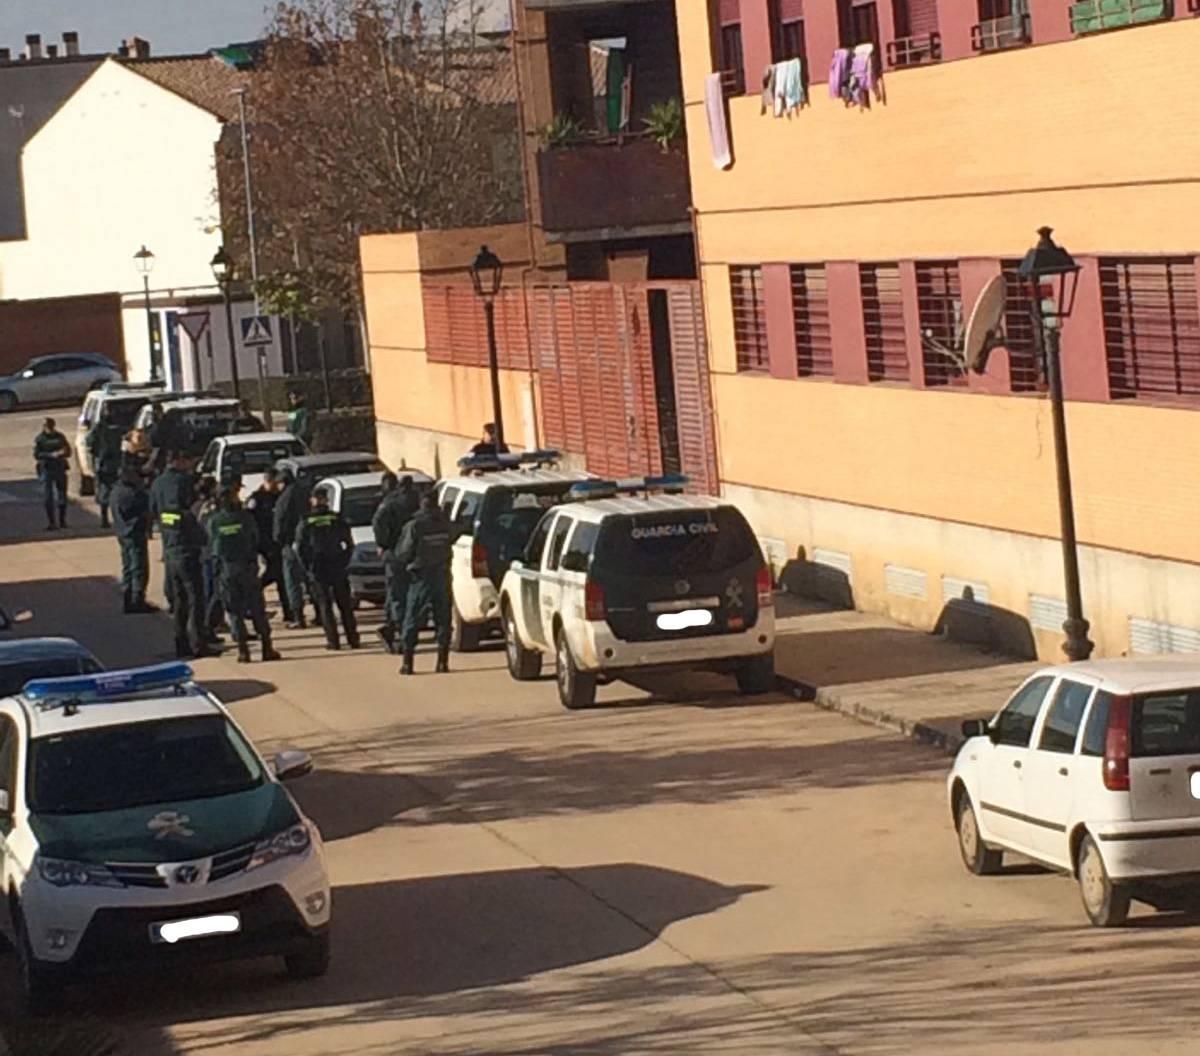 redada guardia civil en herencia - Importante operación antidroga en Herencia